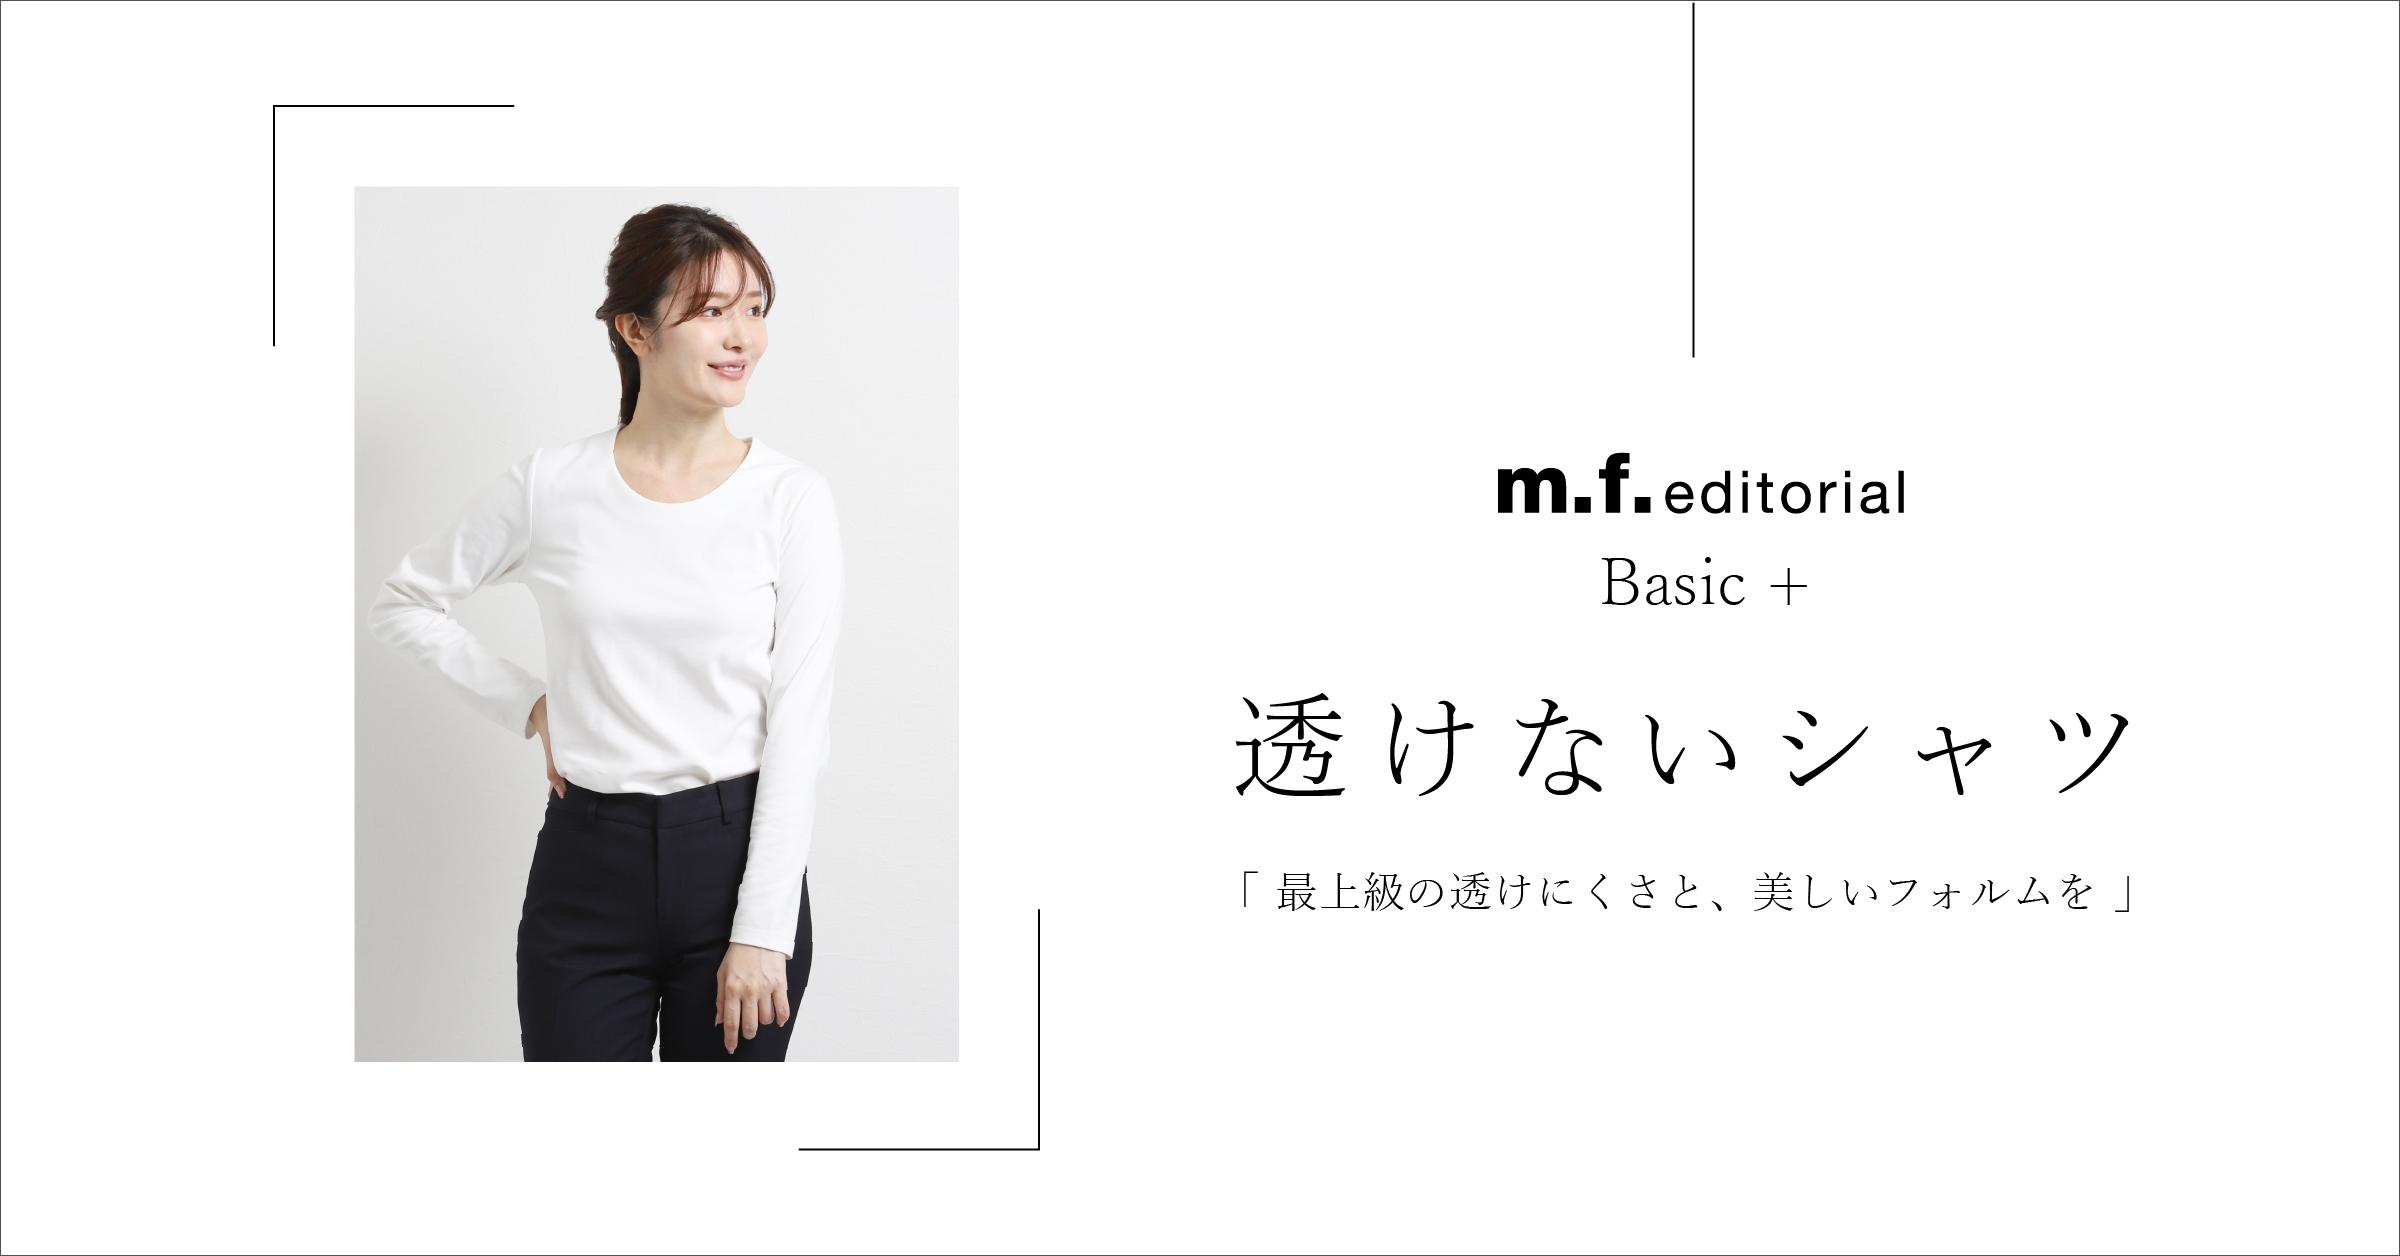 【Basic+】最上級の透けにくさと女性らしいフォルム